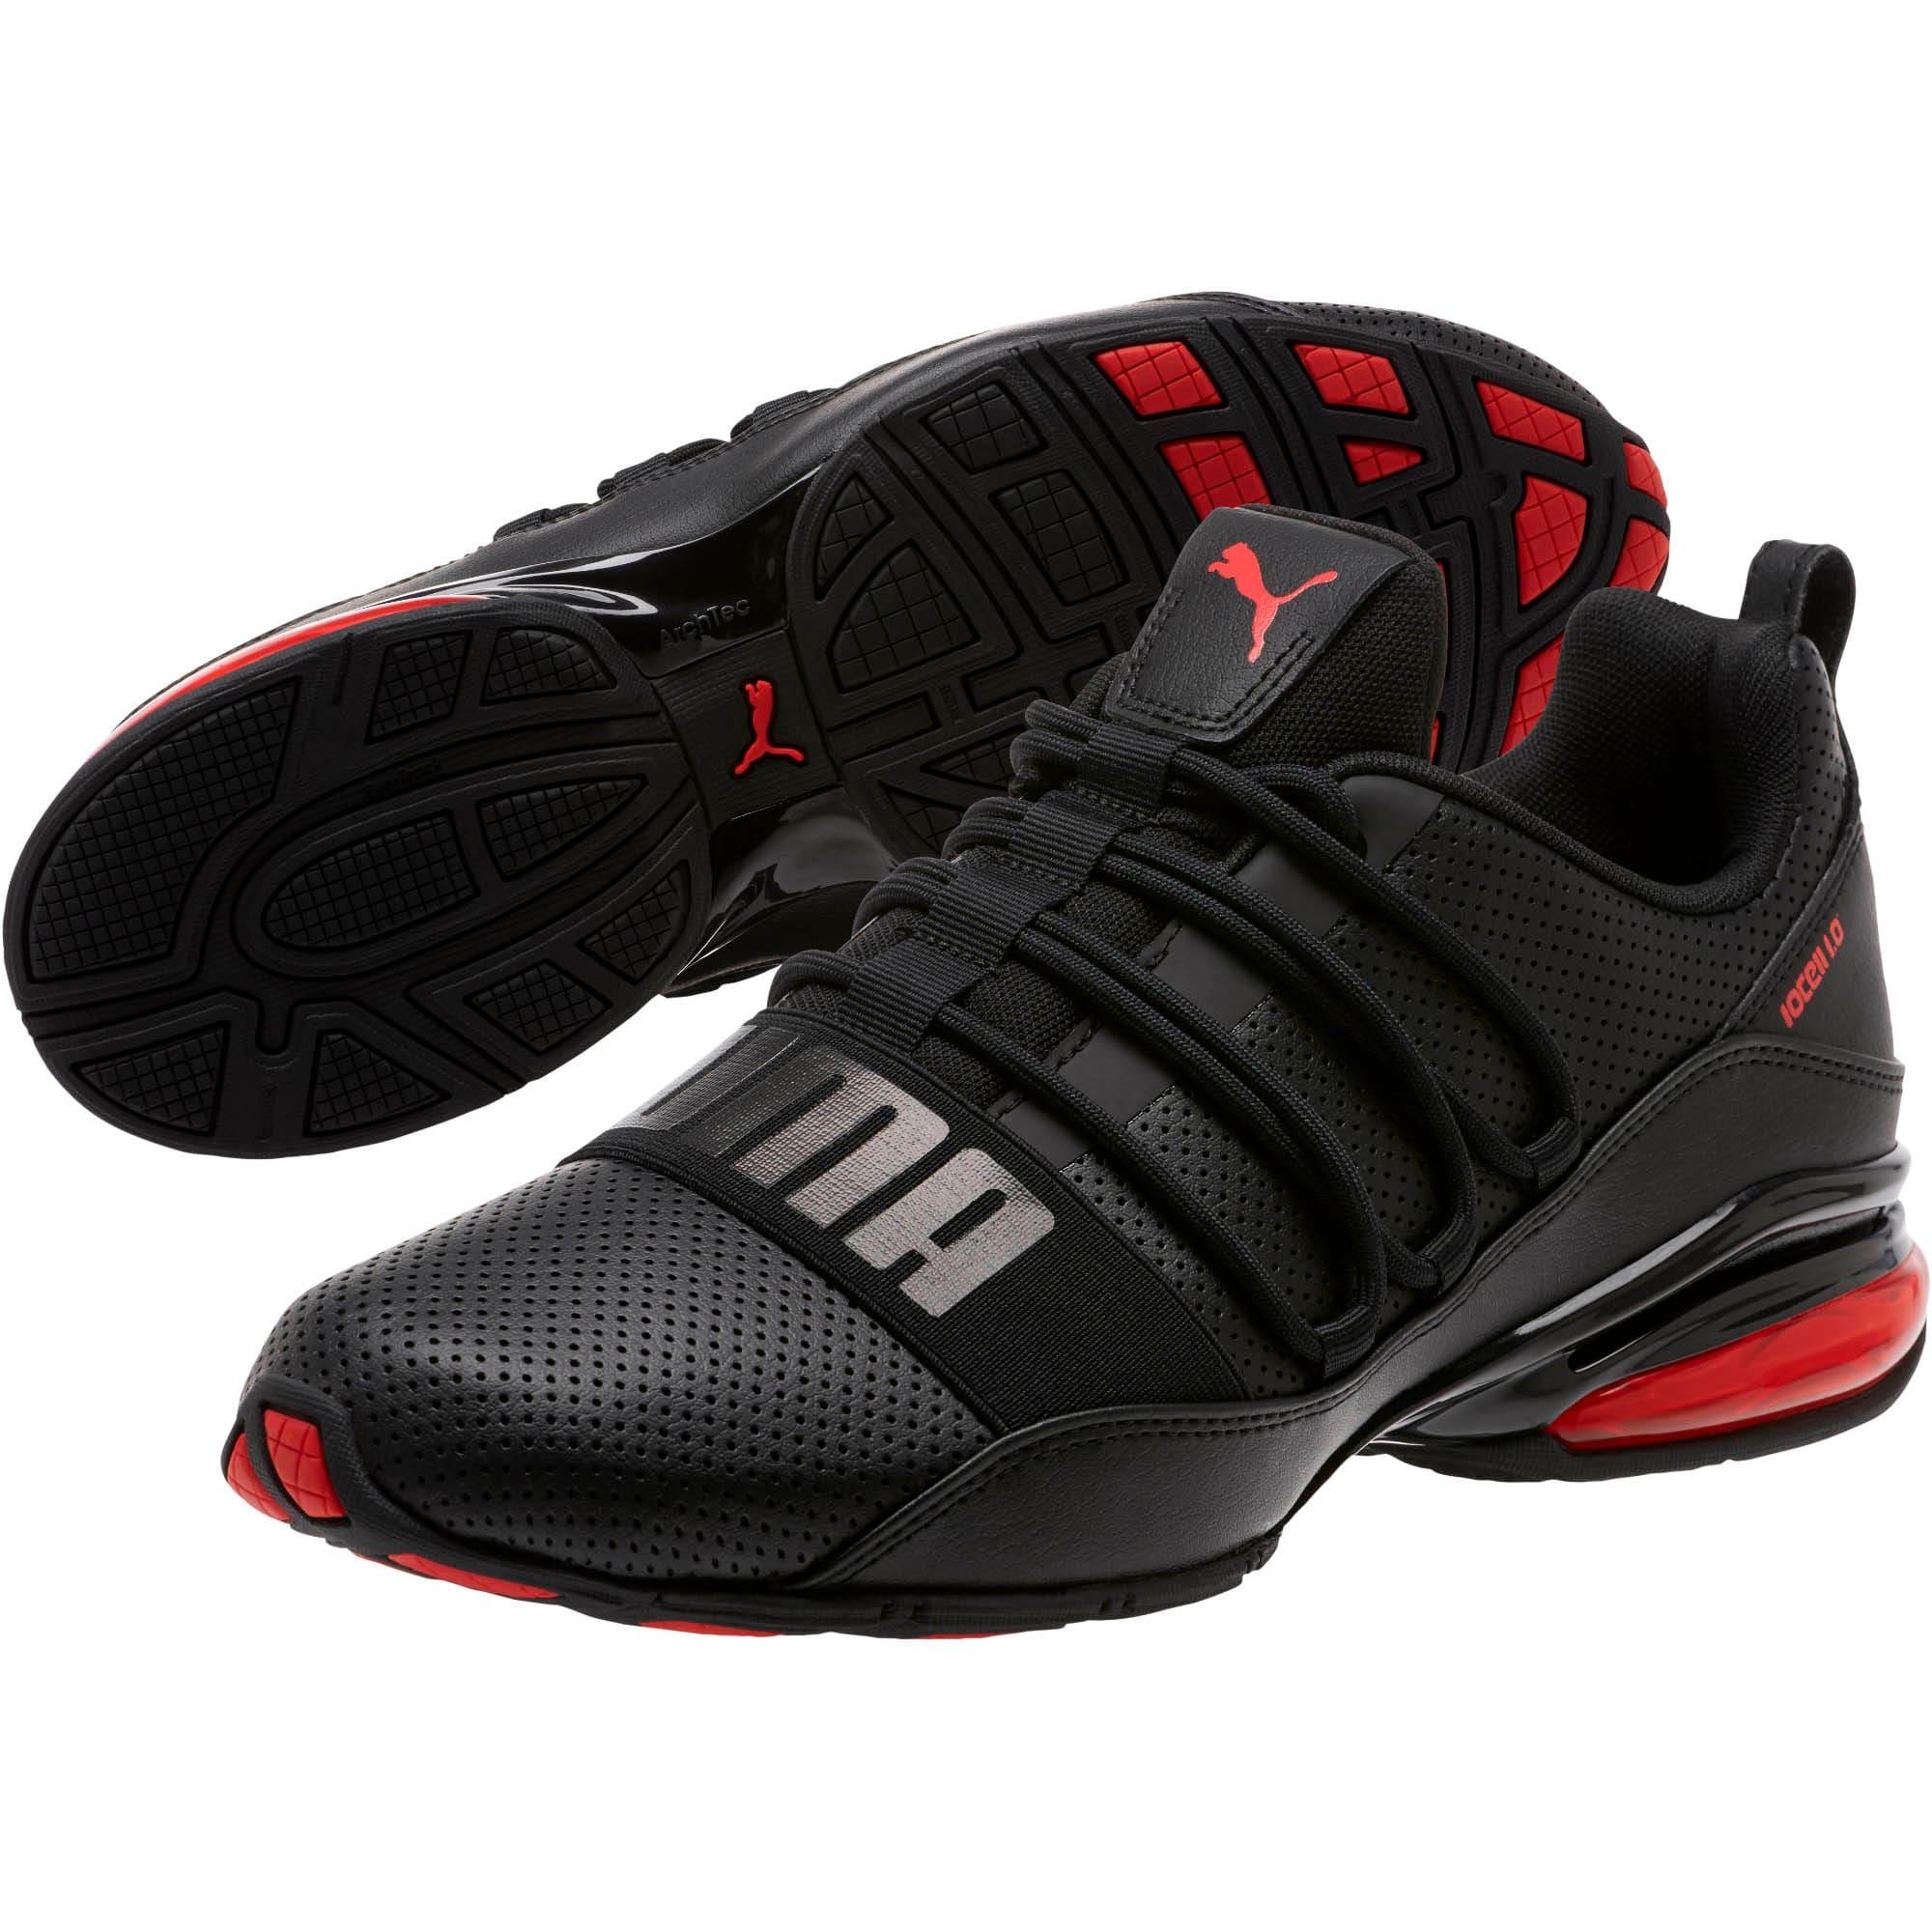 Miniatura 2 de Zapatos para correr Cell Regulate para hombre, Puma Black-High Risk Red, mediano